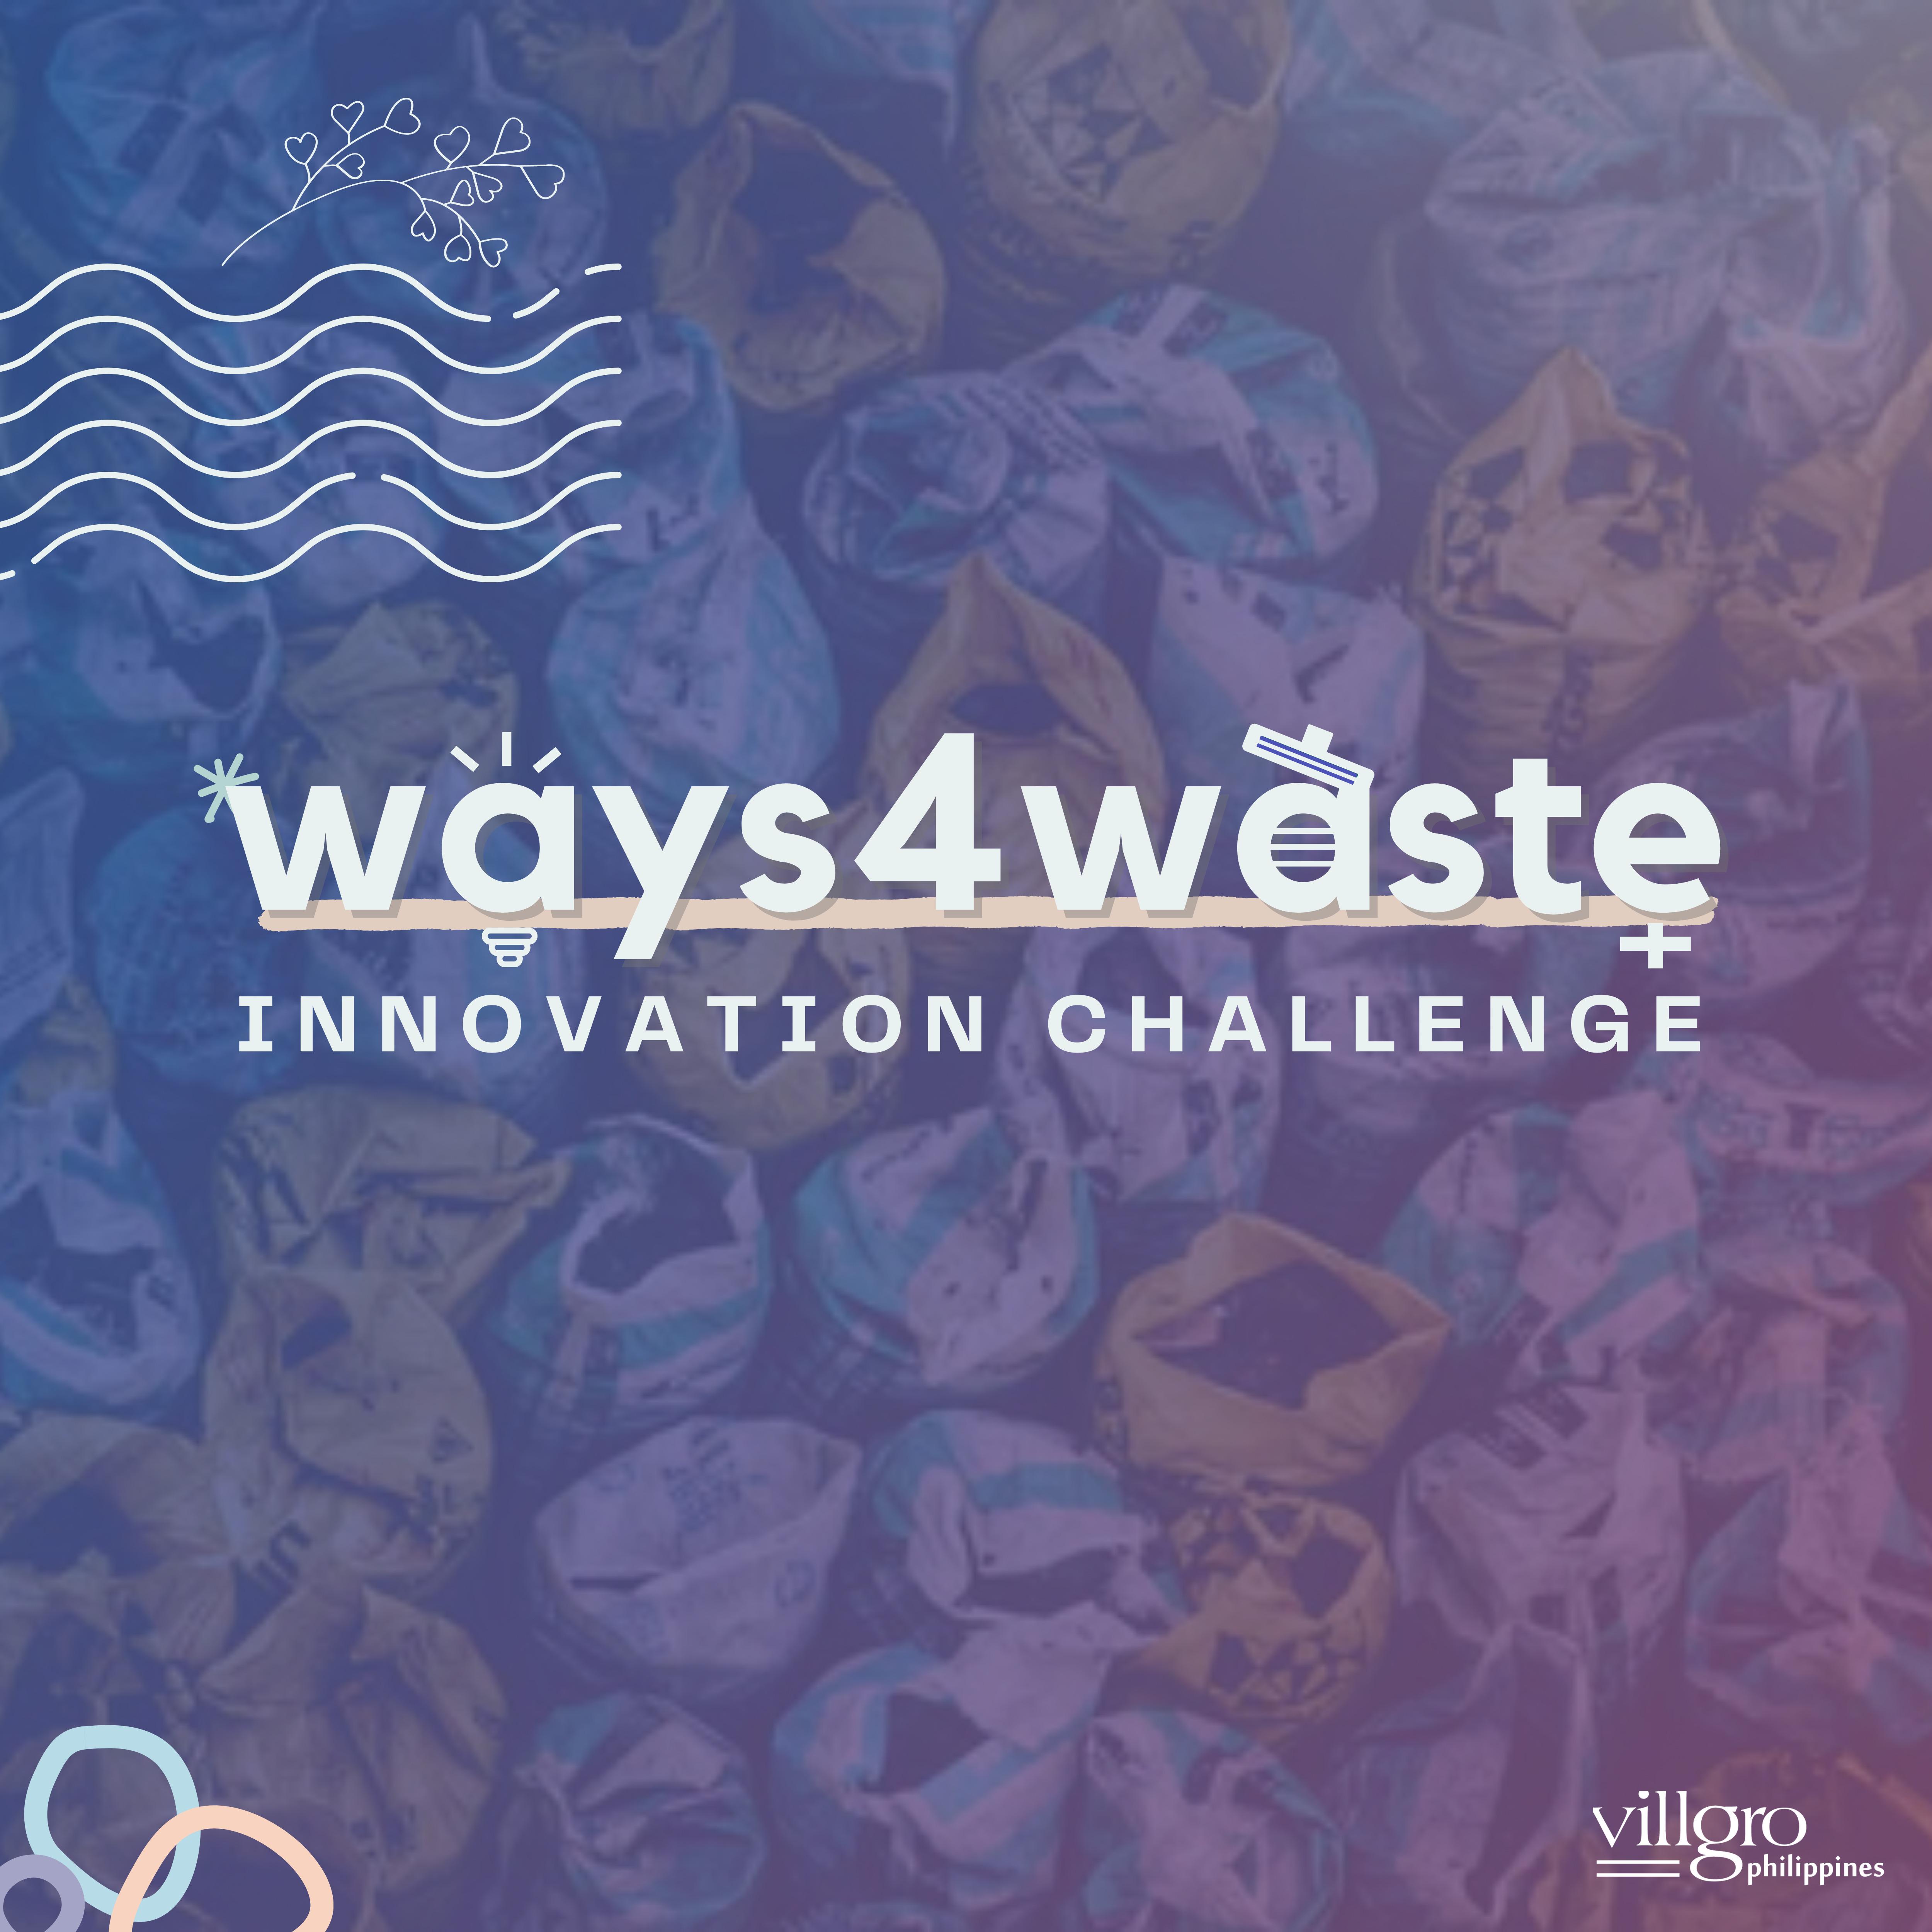 Ways 4 Waste Innovation Challenge